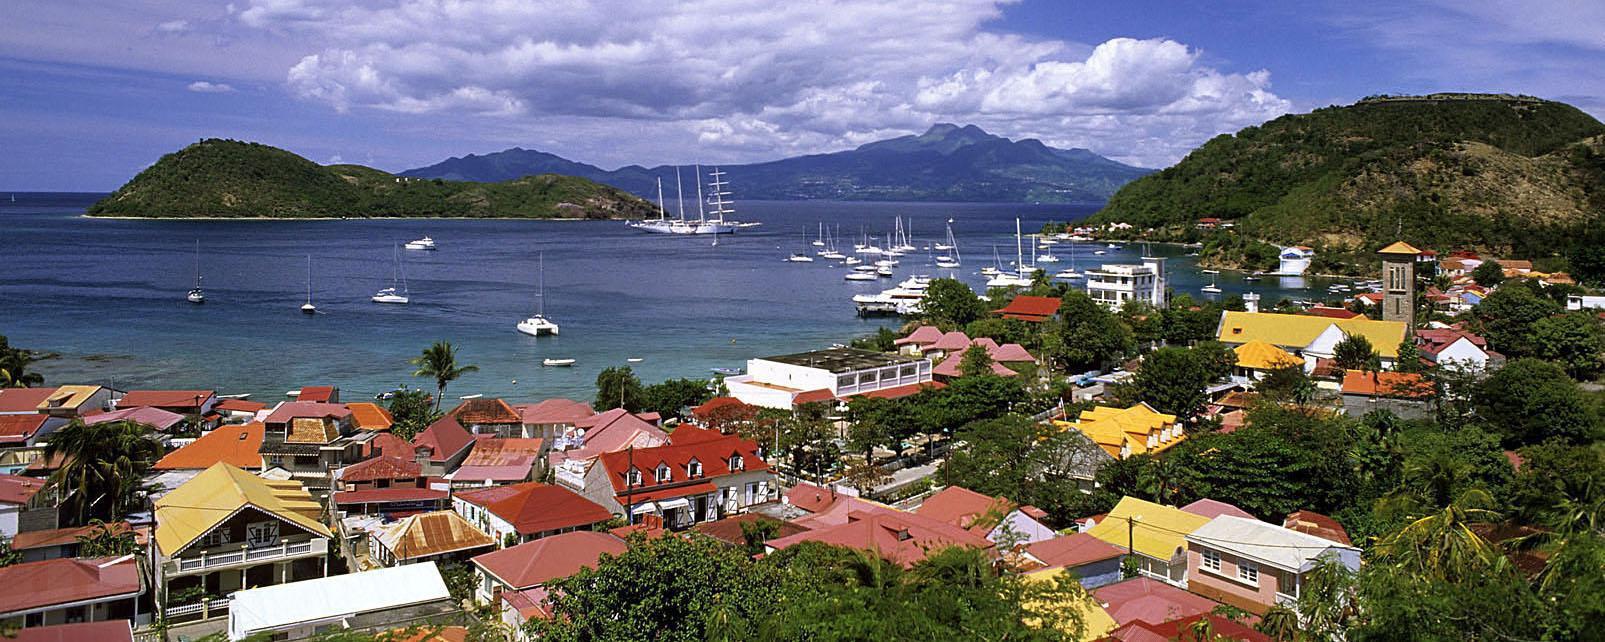 Caraïbes, Guadeloupe, Saintes, île, bateau, maison, voilier,